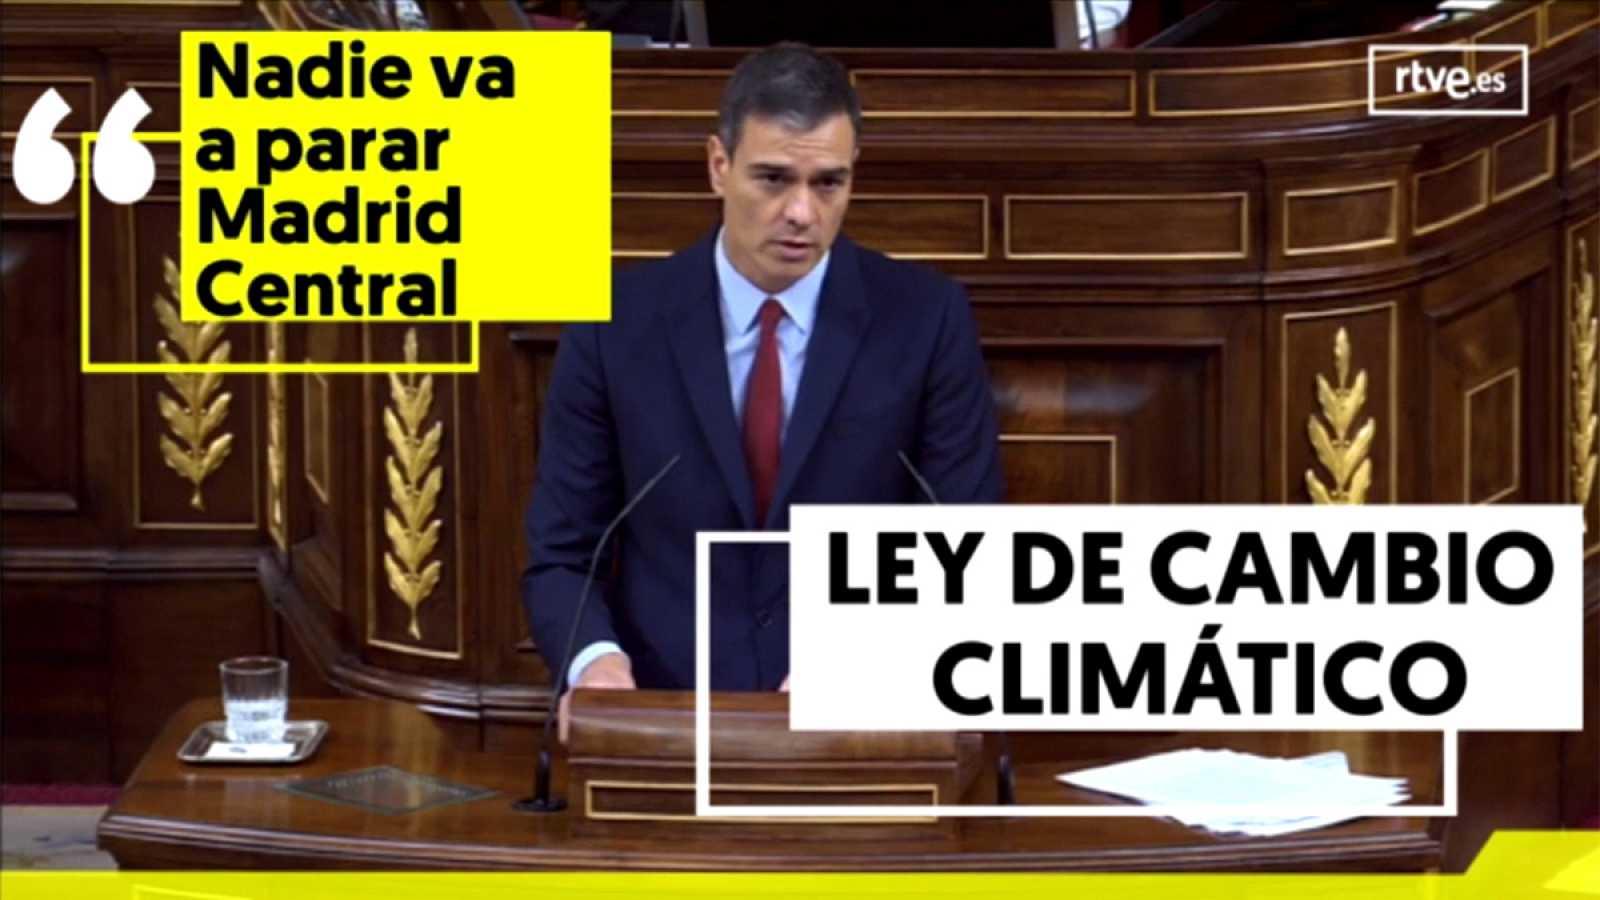 Seis titulares del discurso de Pedro Sánchez en el debate de investidura